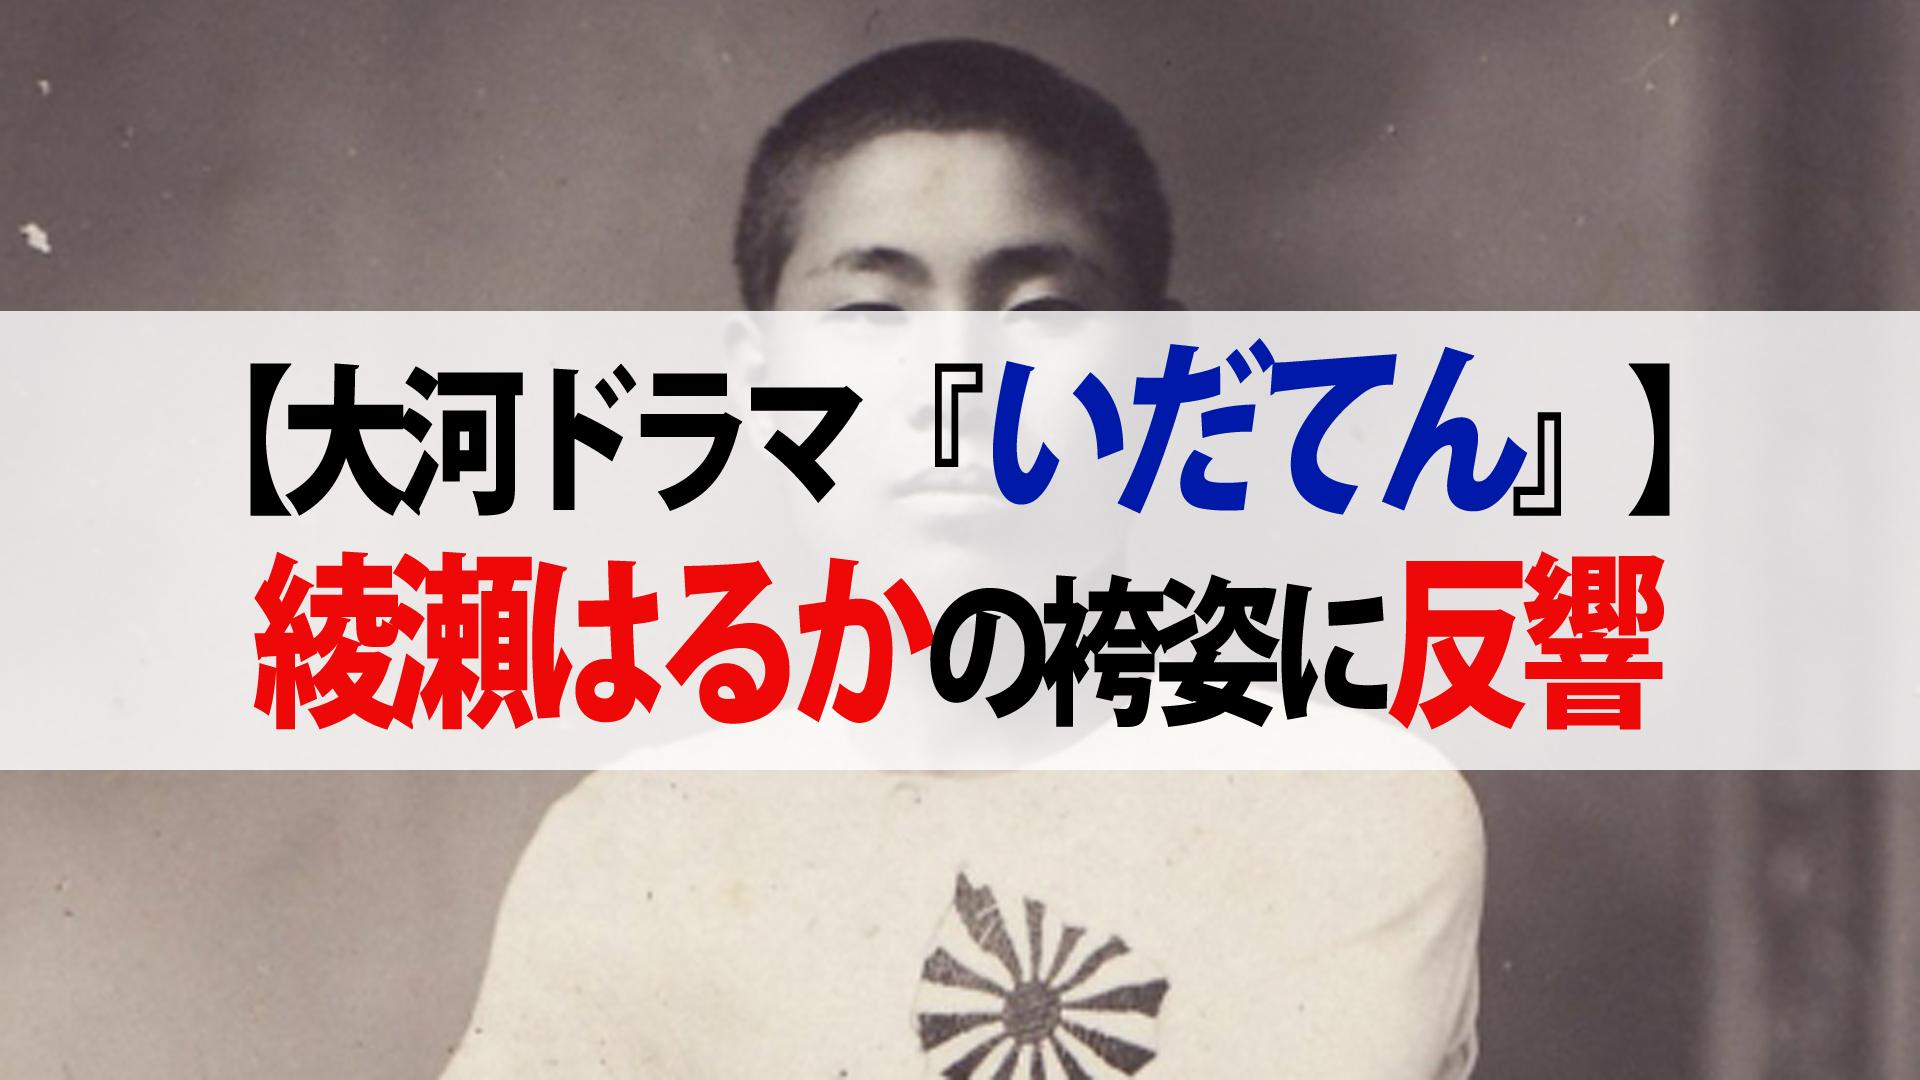 大河ドラマ『いだてん』第2回『坊っちゃん』